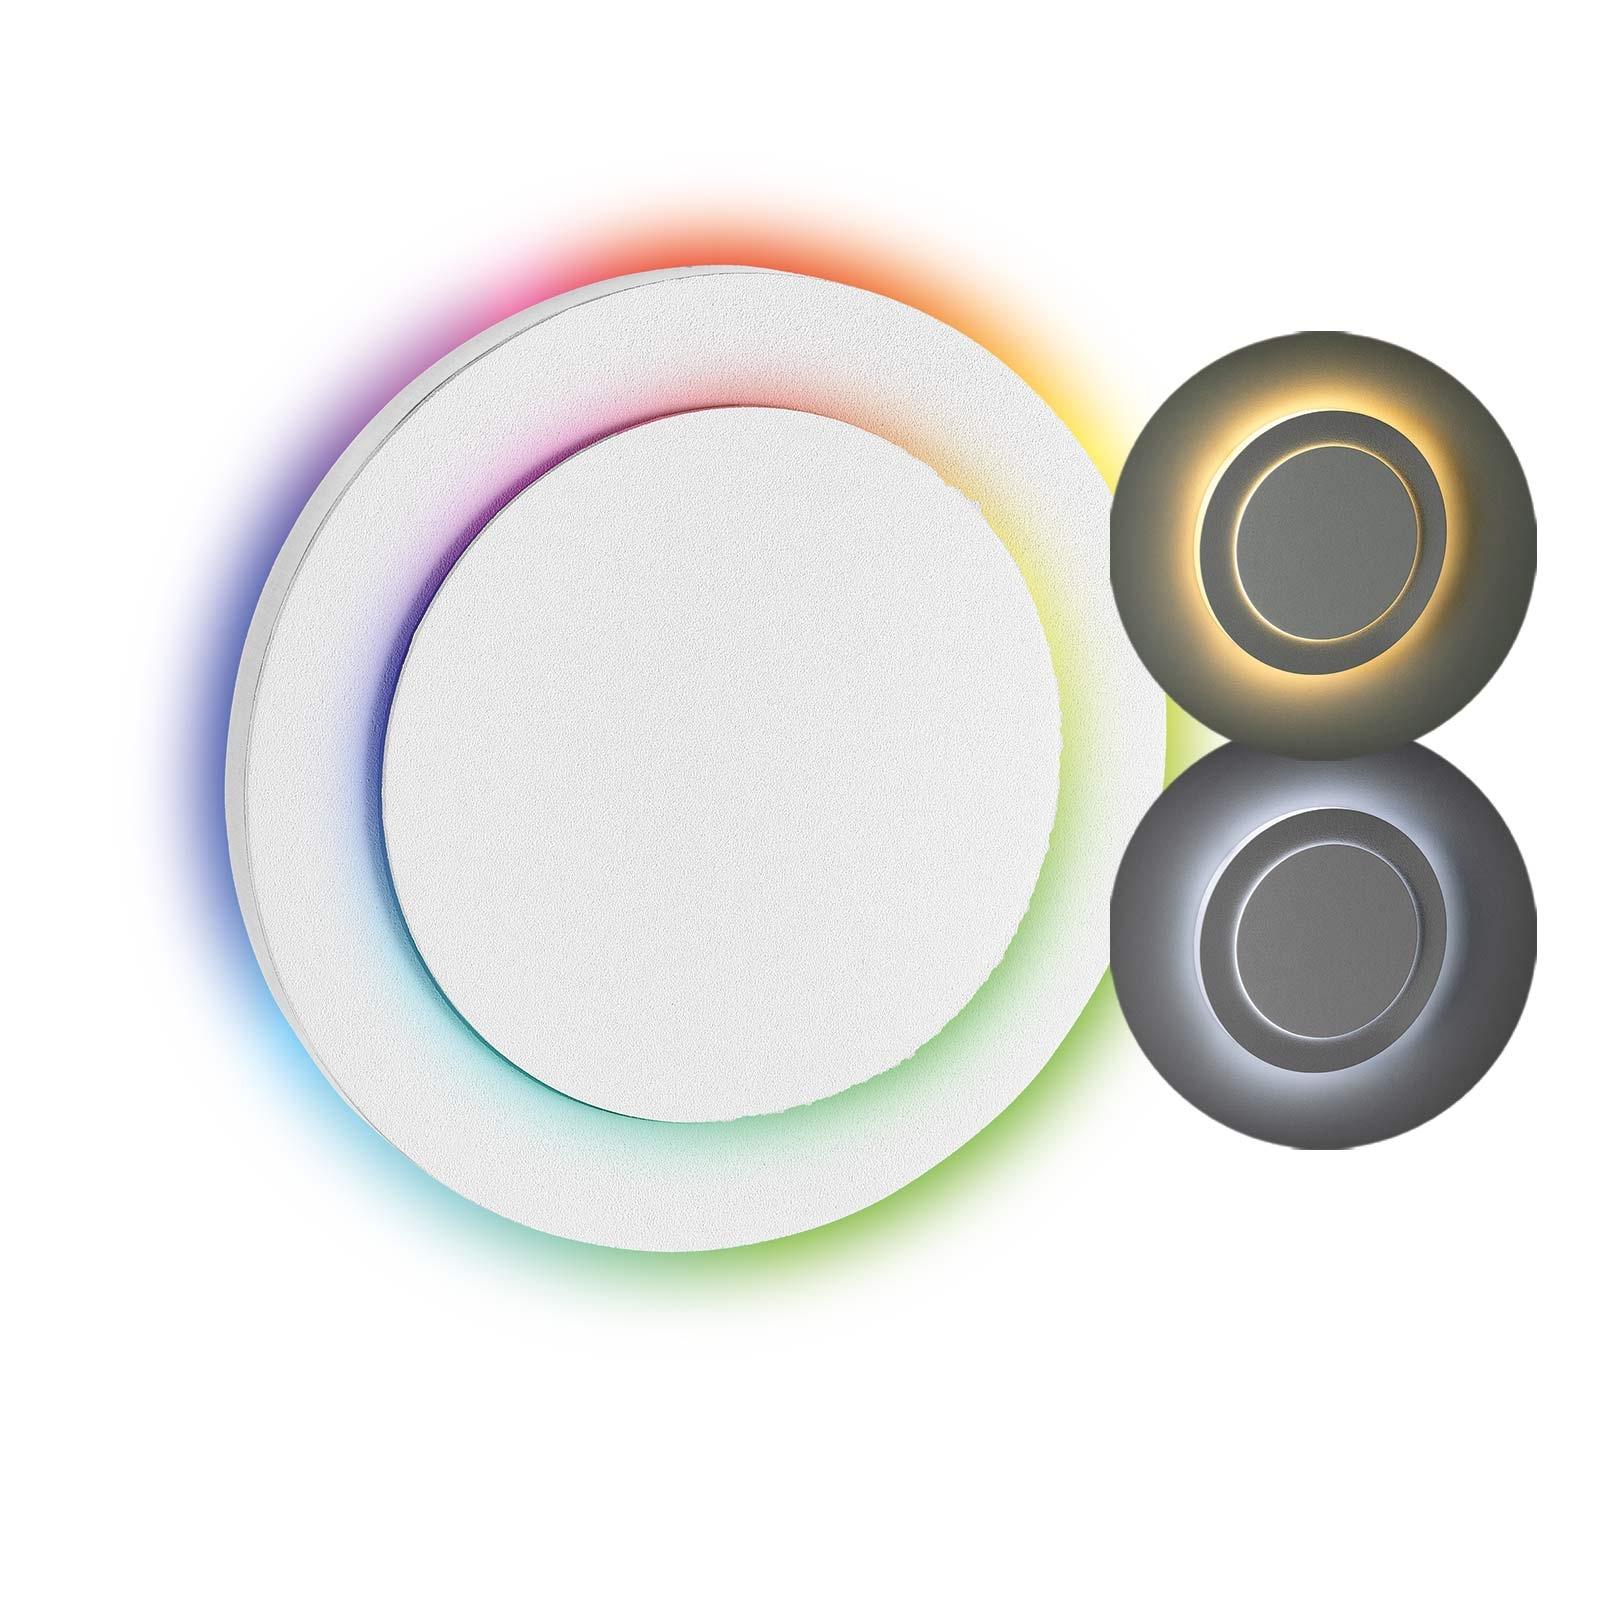 LED Stufenbeleuchtung Oberteil rund, weiß | Seitlicher Lichtaustritt doppelt